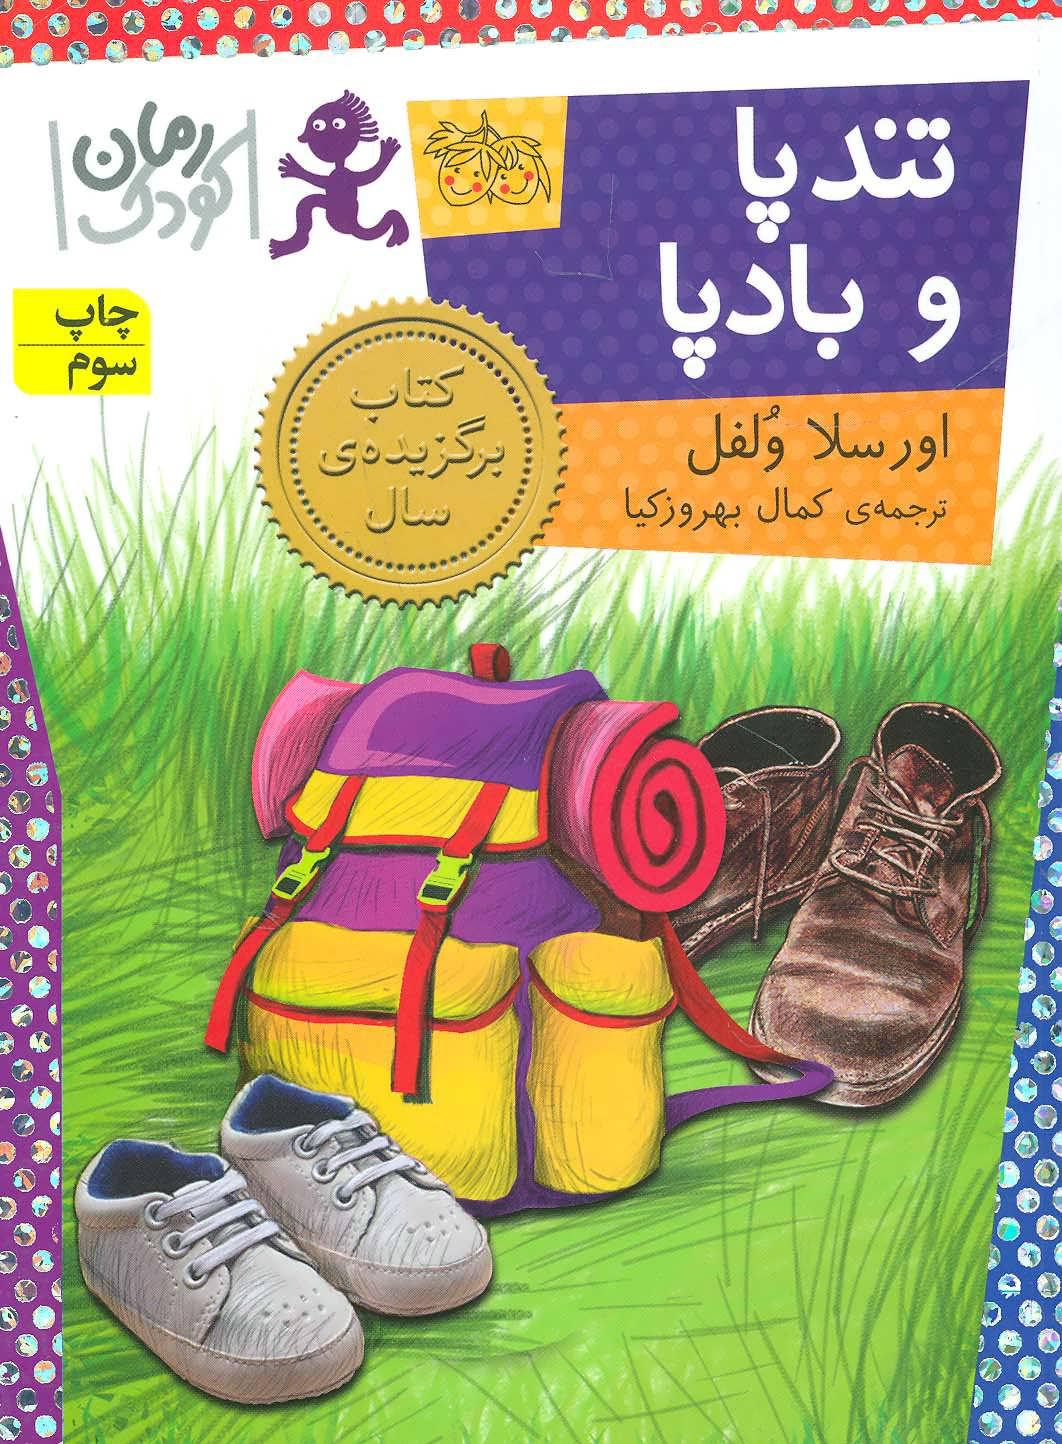 کتاب تندپا و بادپا